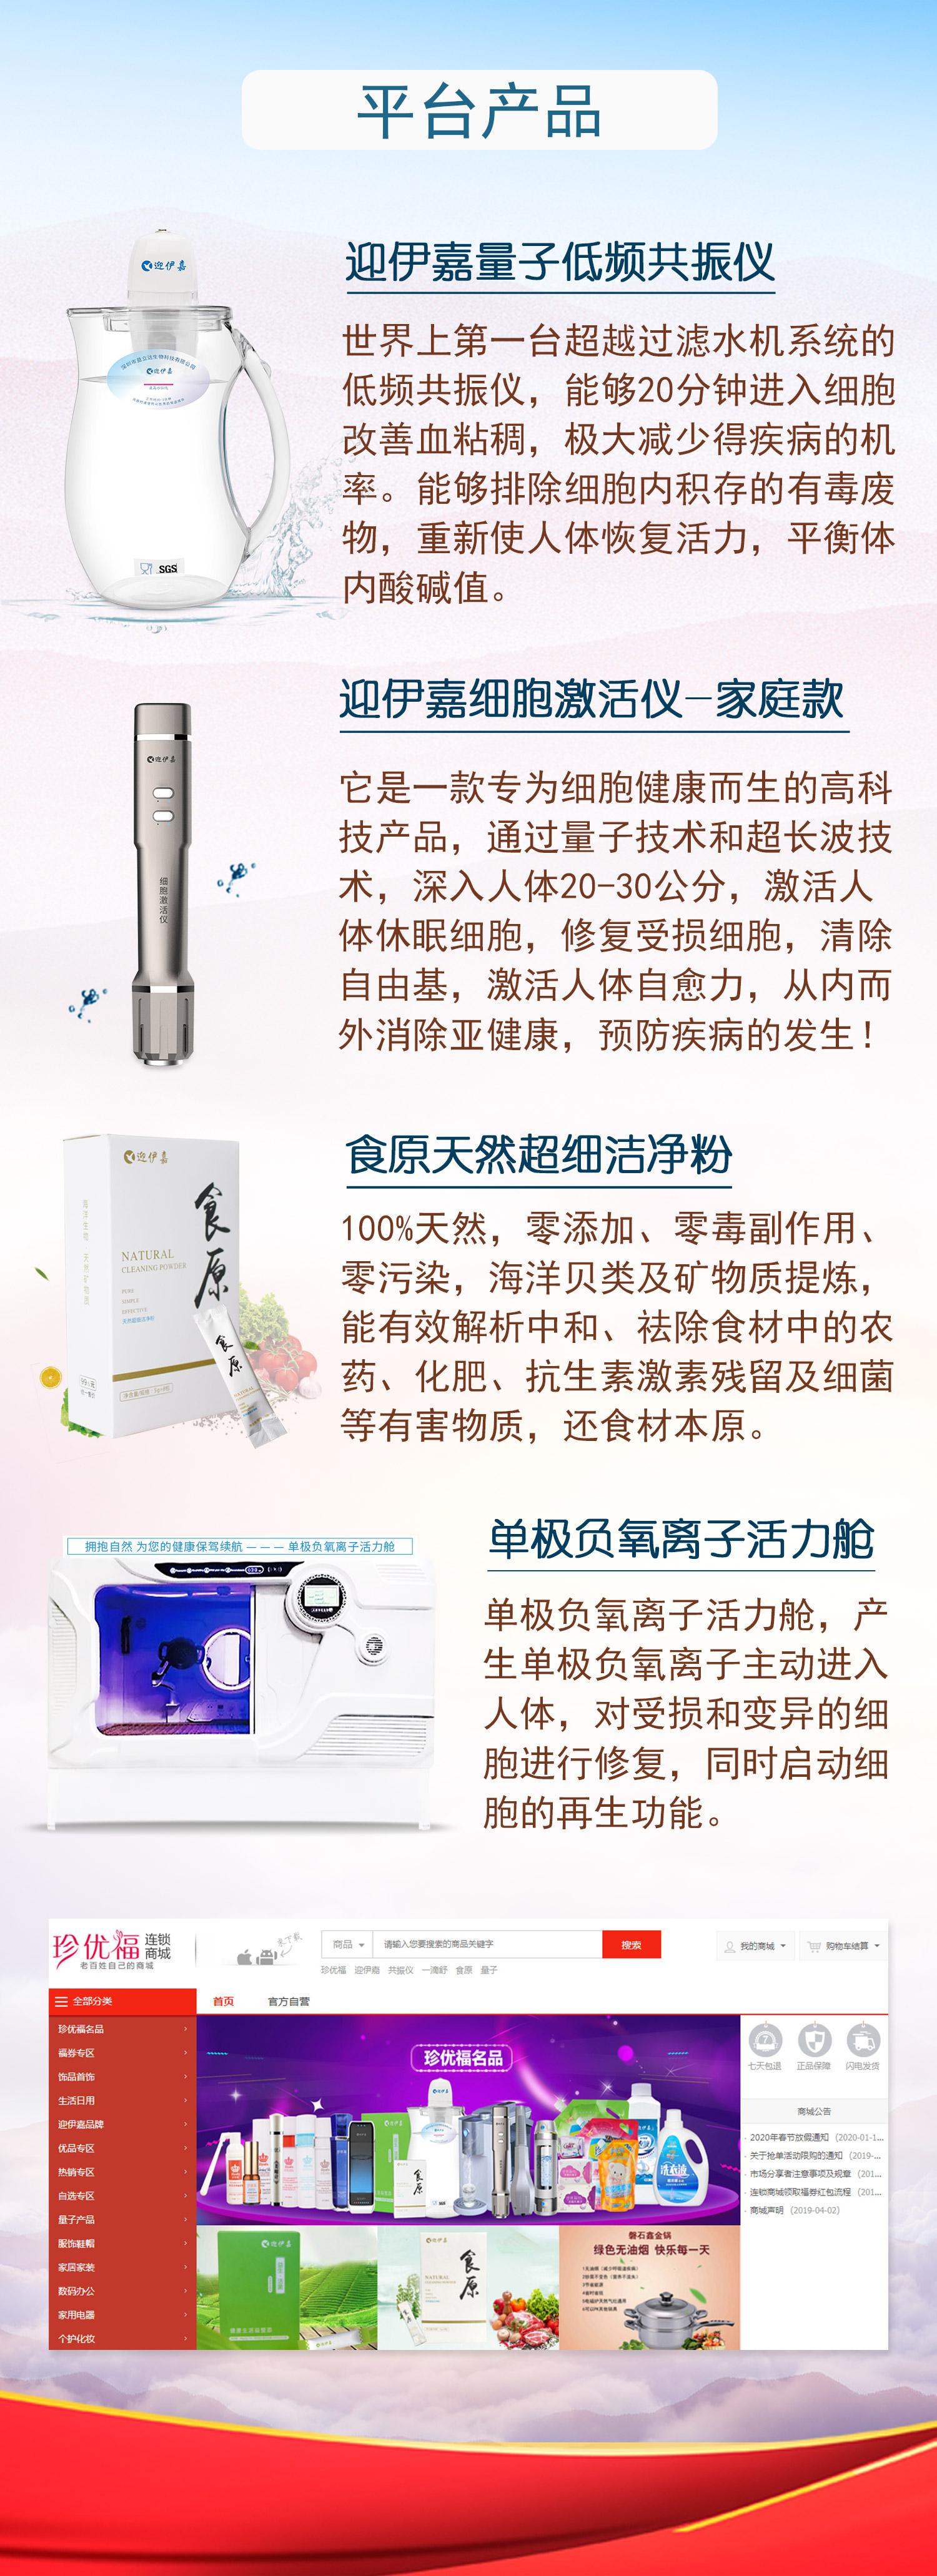 http://image.zhenyoufu.com.cn/shop/article/06711082927139226.jpg